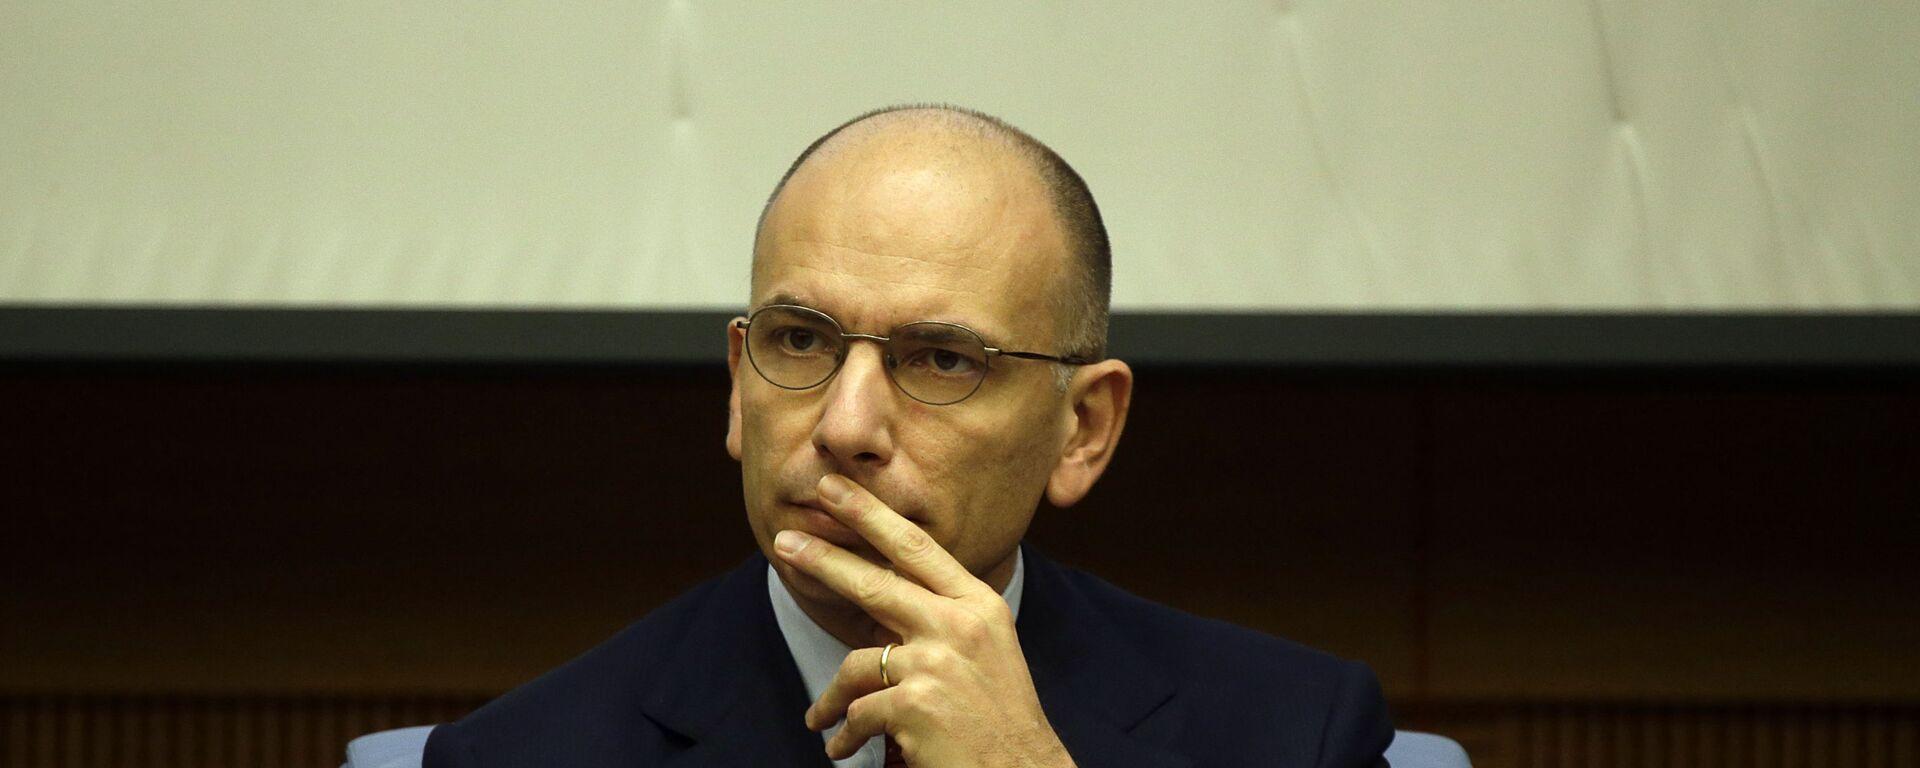 Enrico Letta, segretario del Partito Democratico - Sputnik Italia, 1920, 01.05.2021